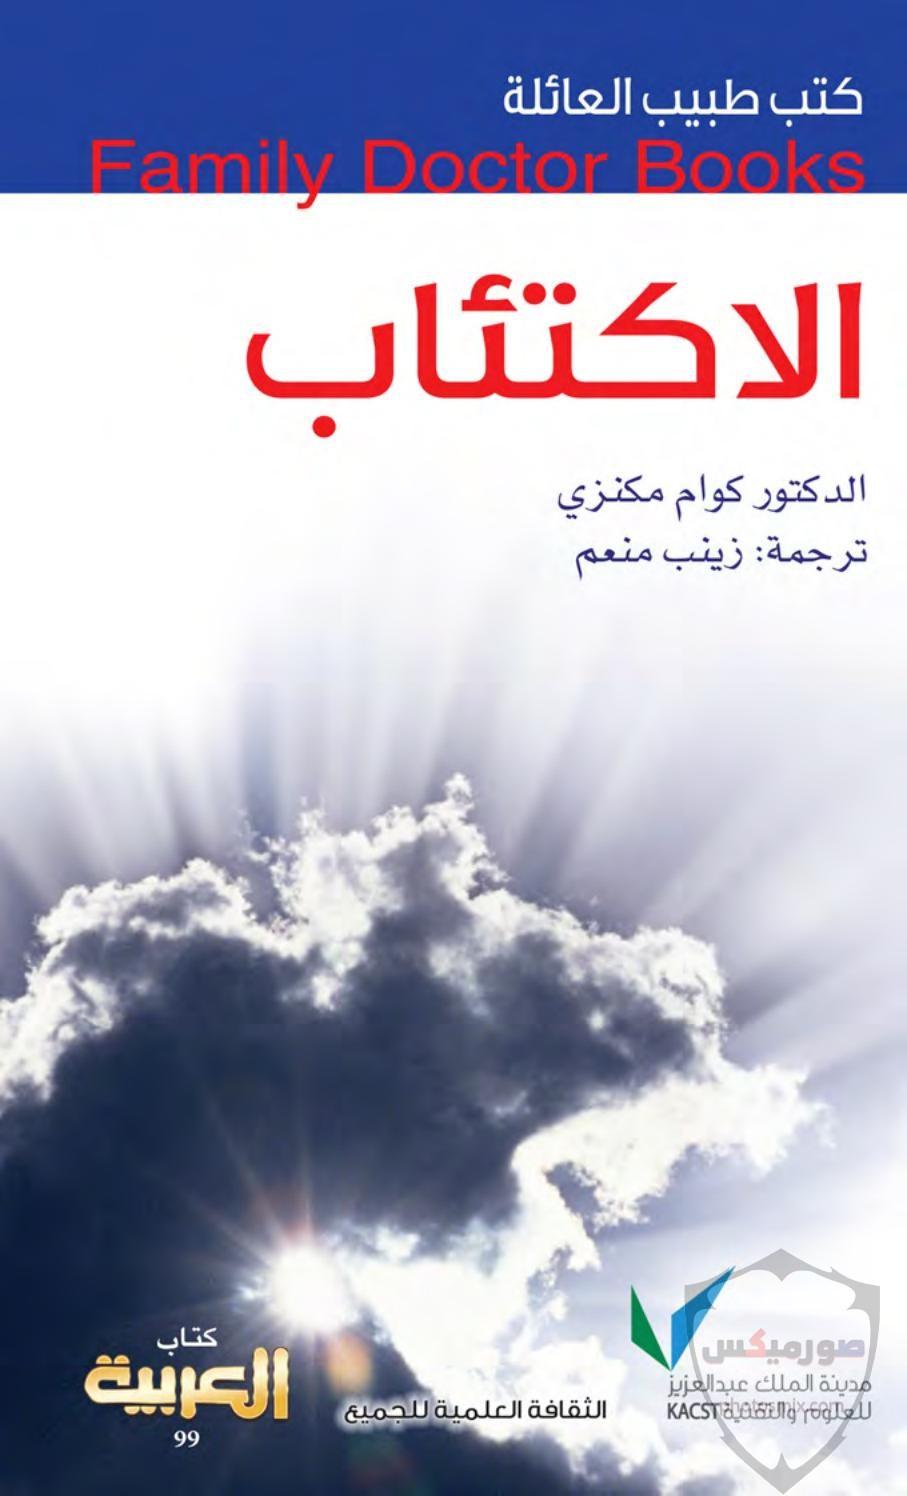 صور حزينه مؤثرة 2020 عليها عبارات حزن وفراق وأسى 8